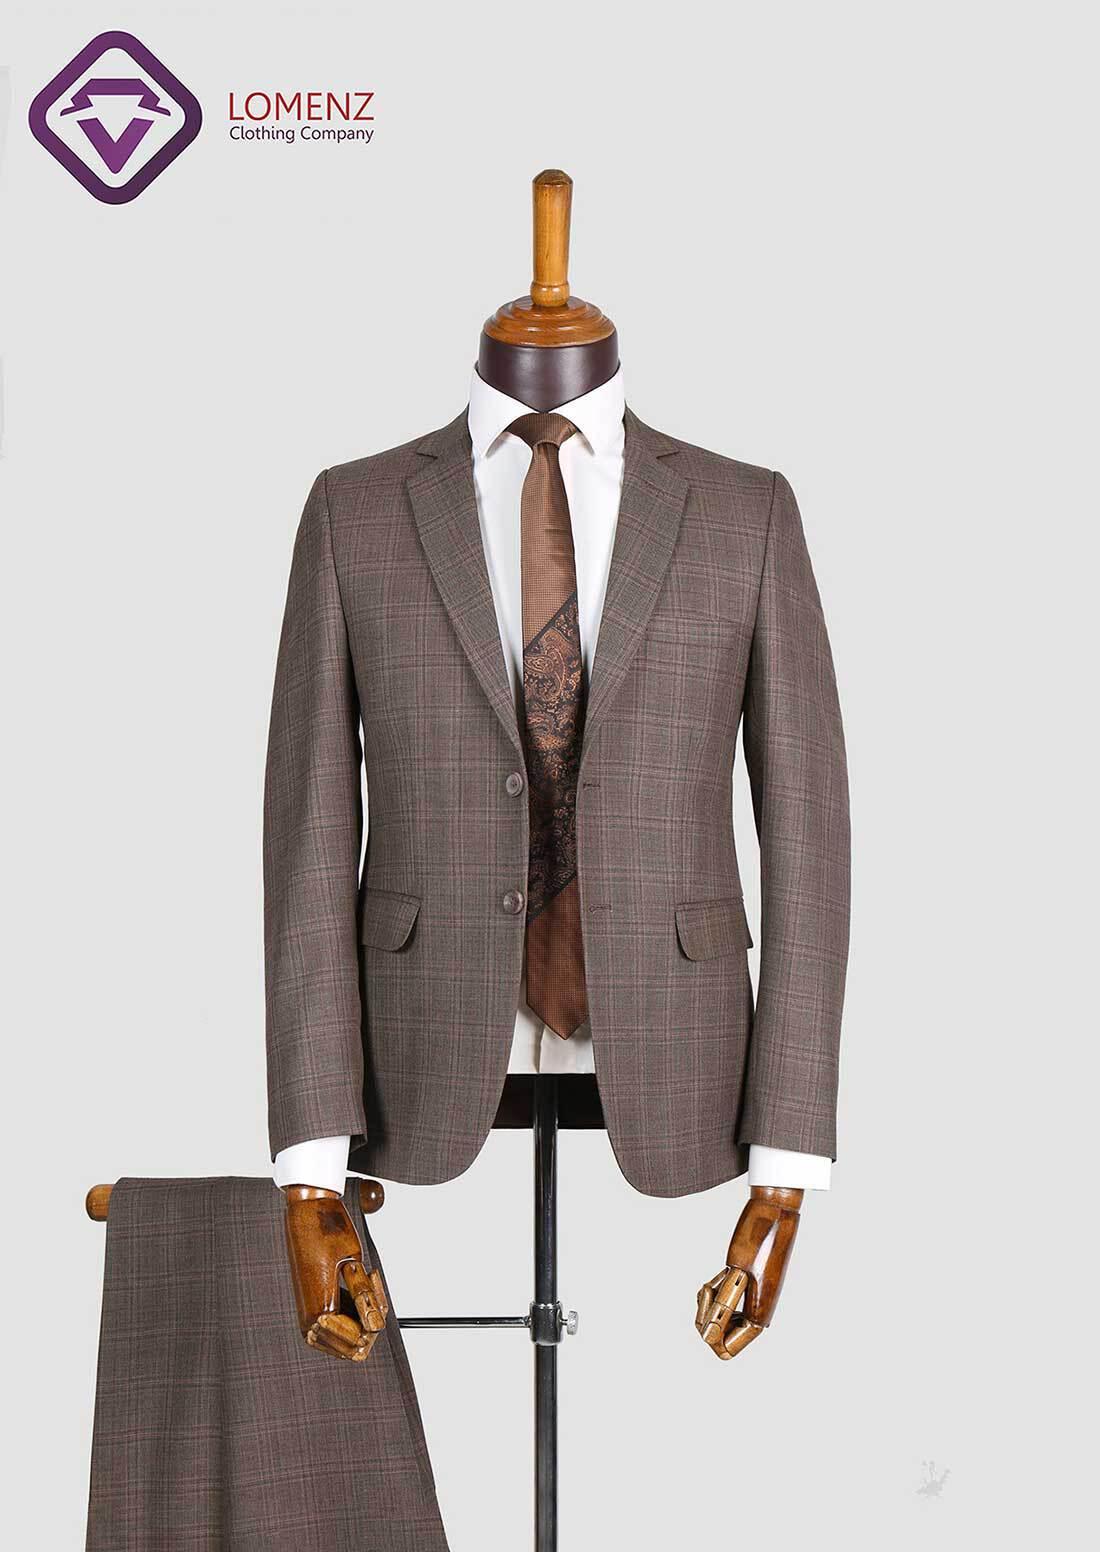 کت شلوار پیچازی مطهری تولید شده توسط لومنز